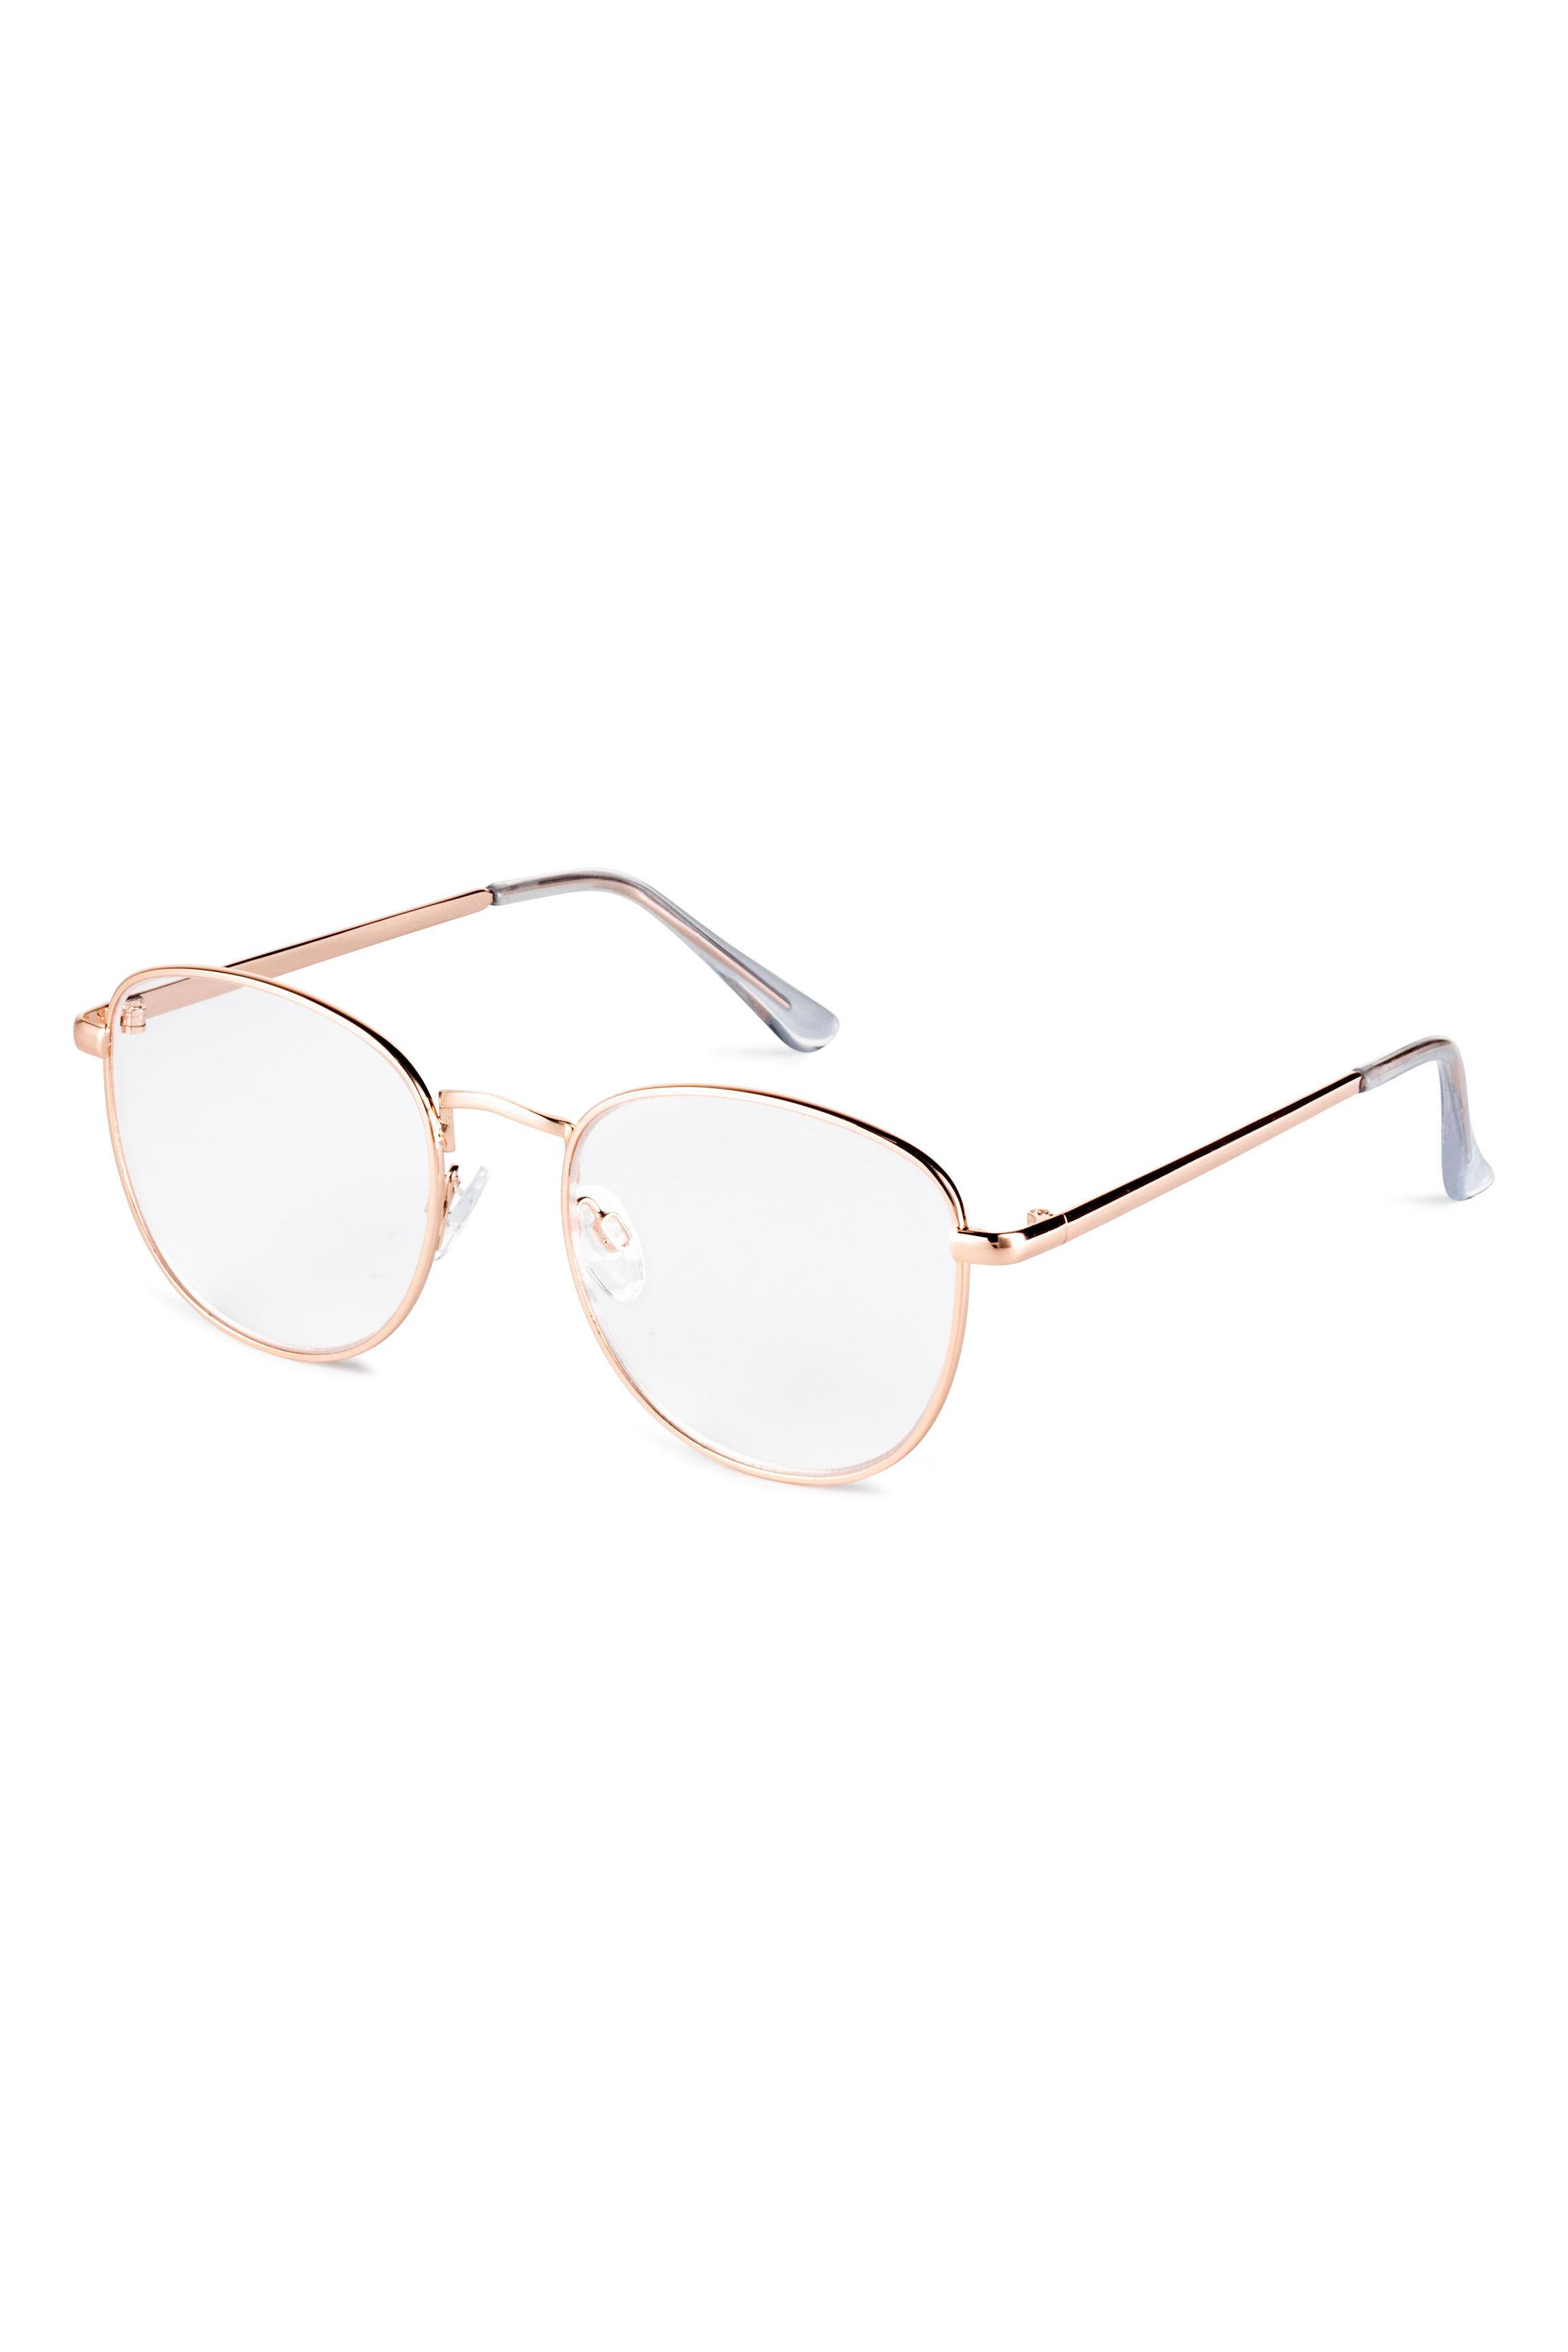 2. kép: Fémkeretes szemüveg H&M 2990 Ft